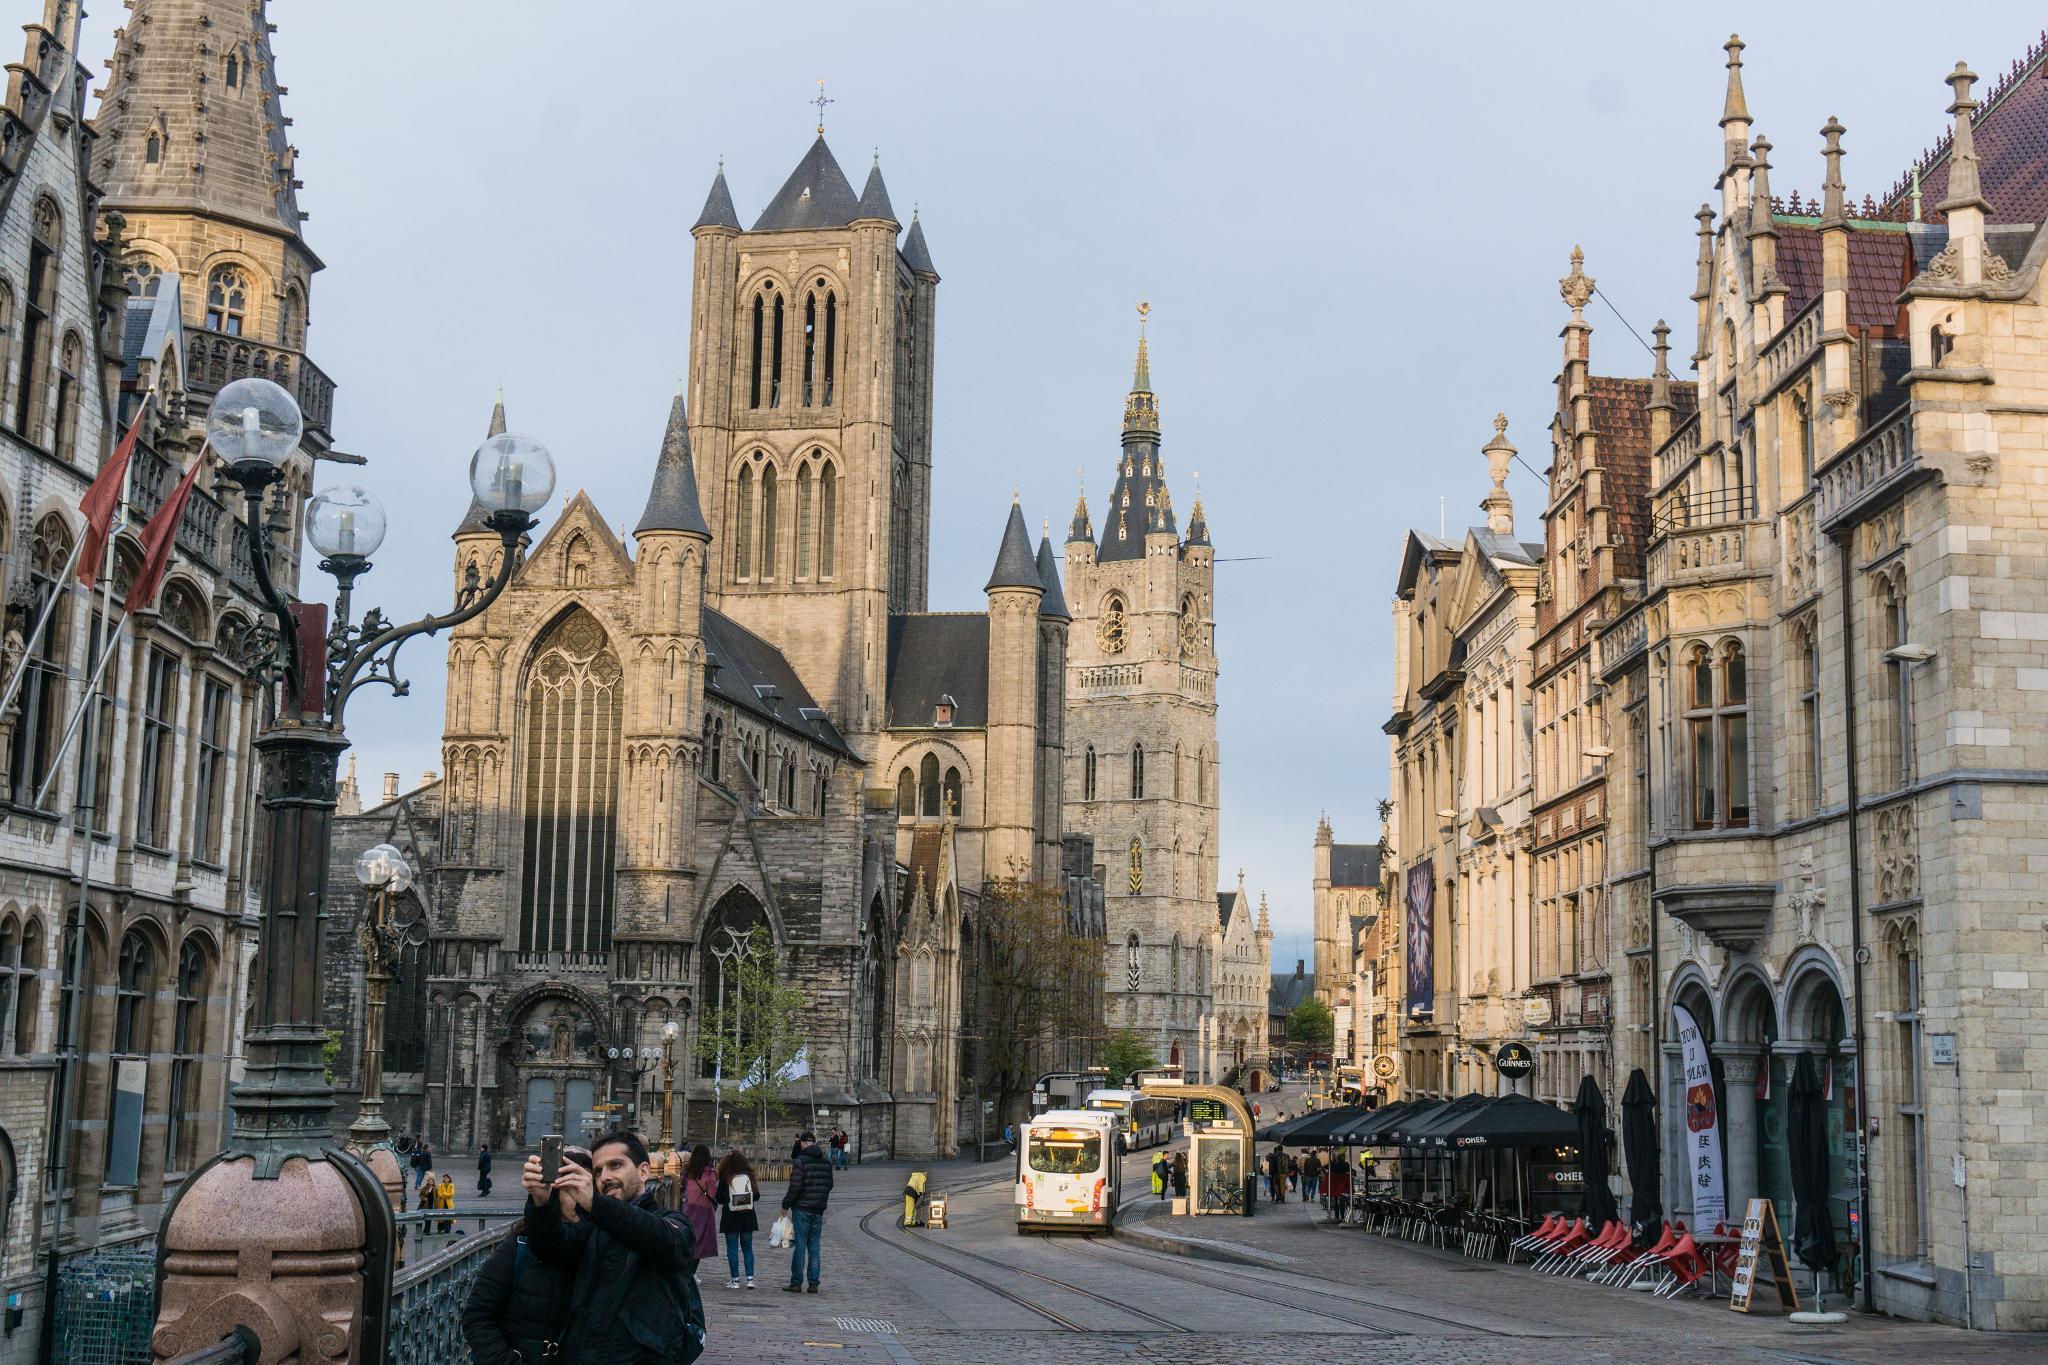 【比利時】穿梭中世紀的大城小事 — 比利時根特 (Ghent) 散步景點總整理 100